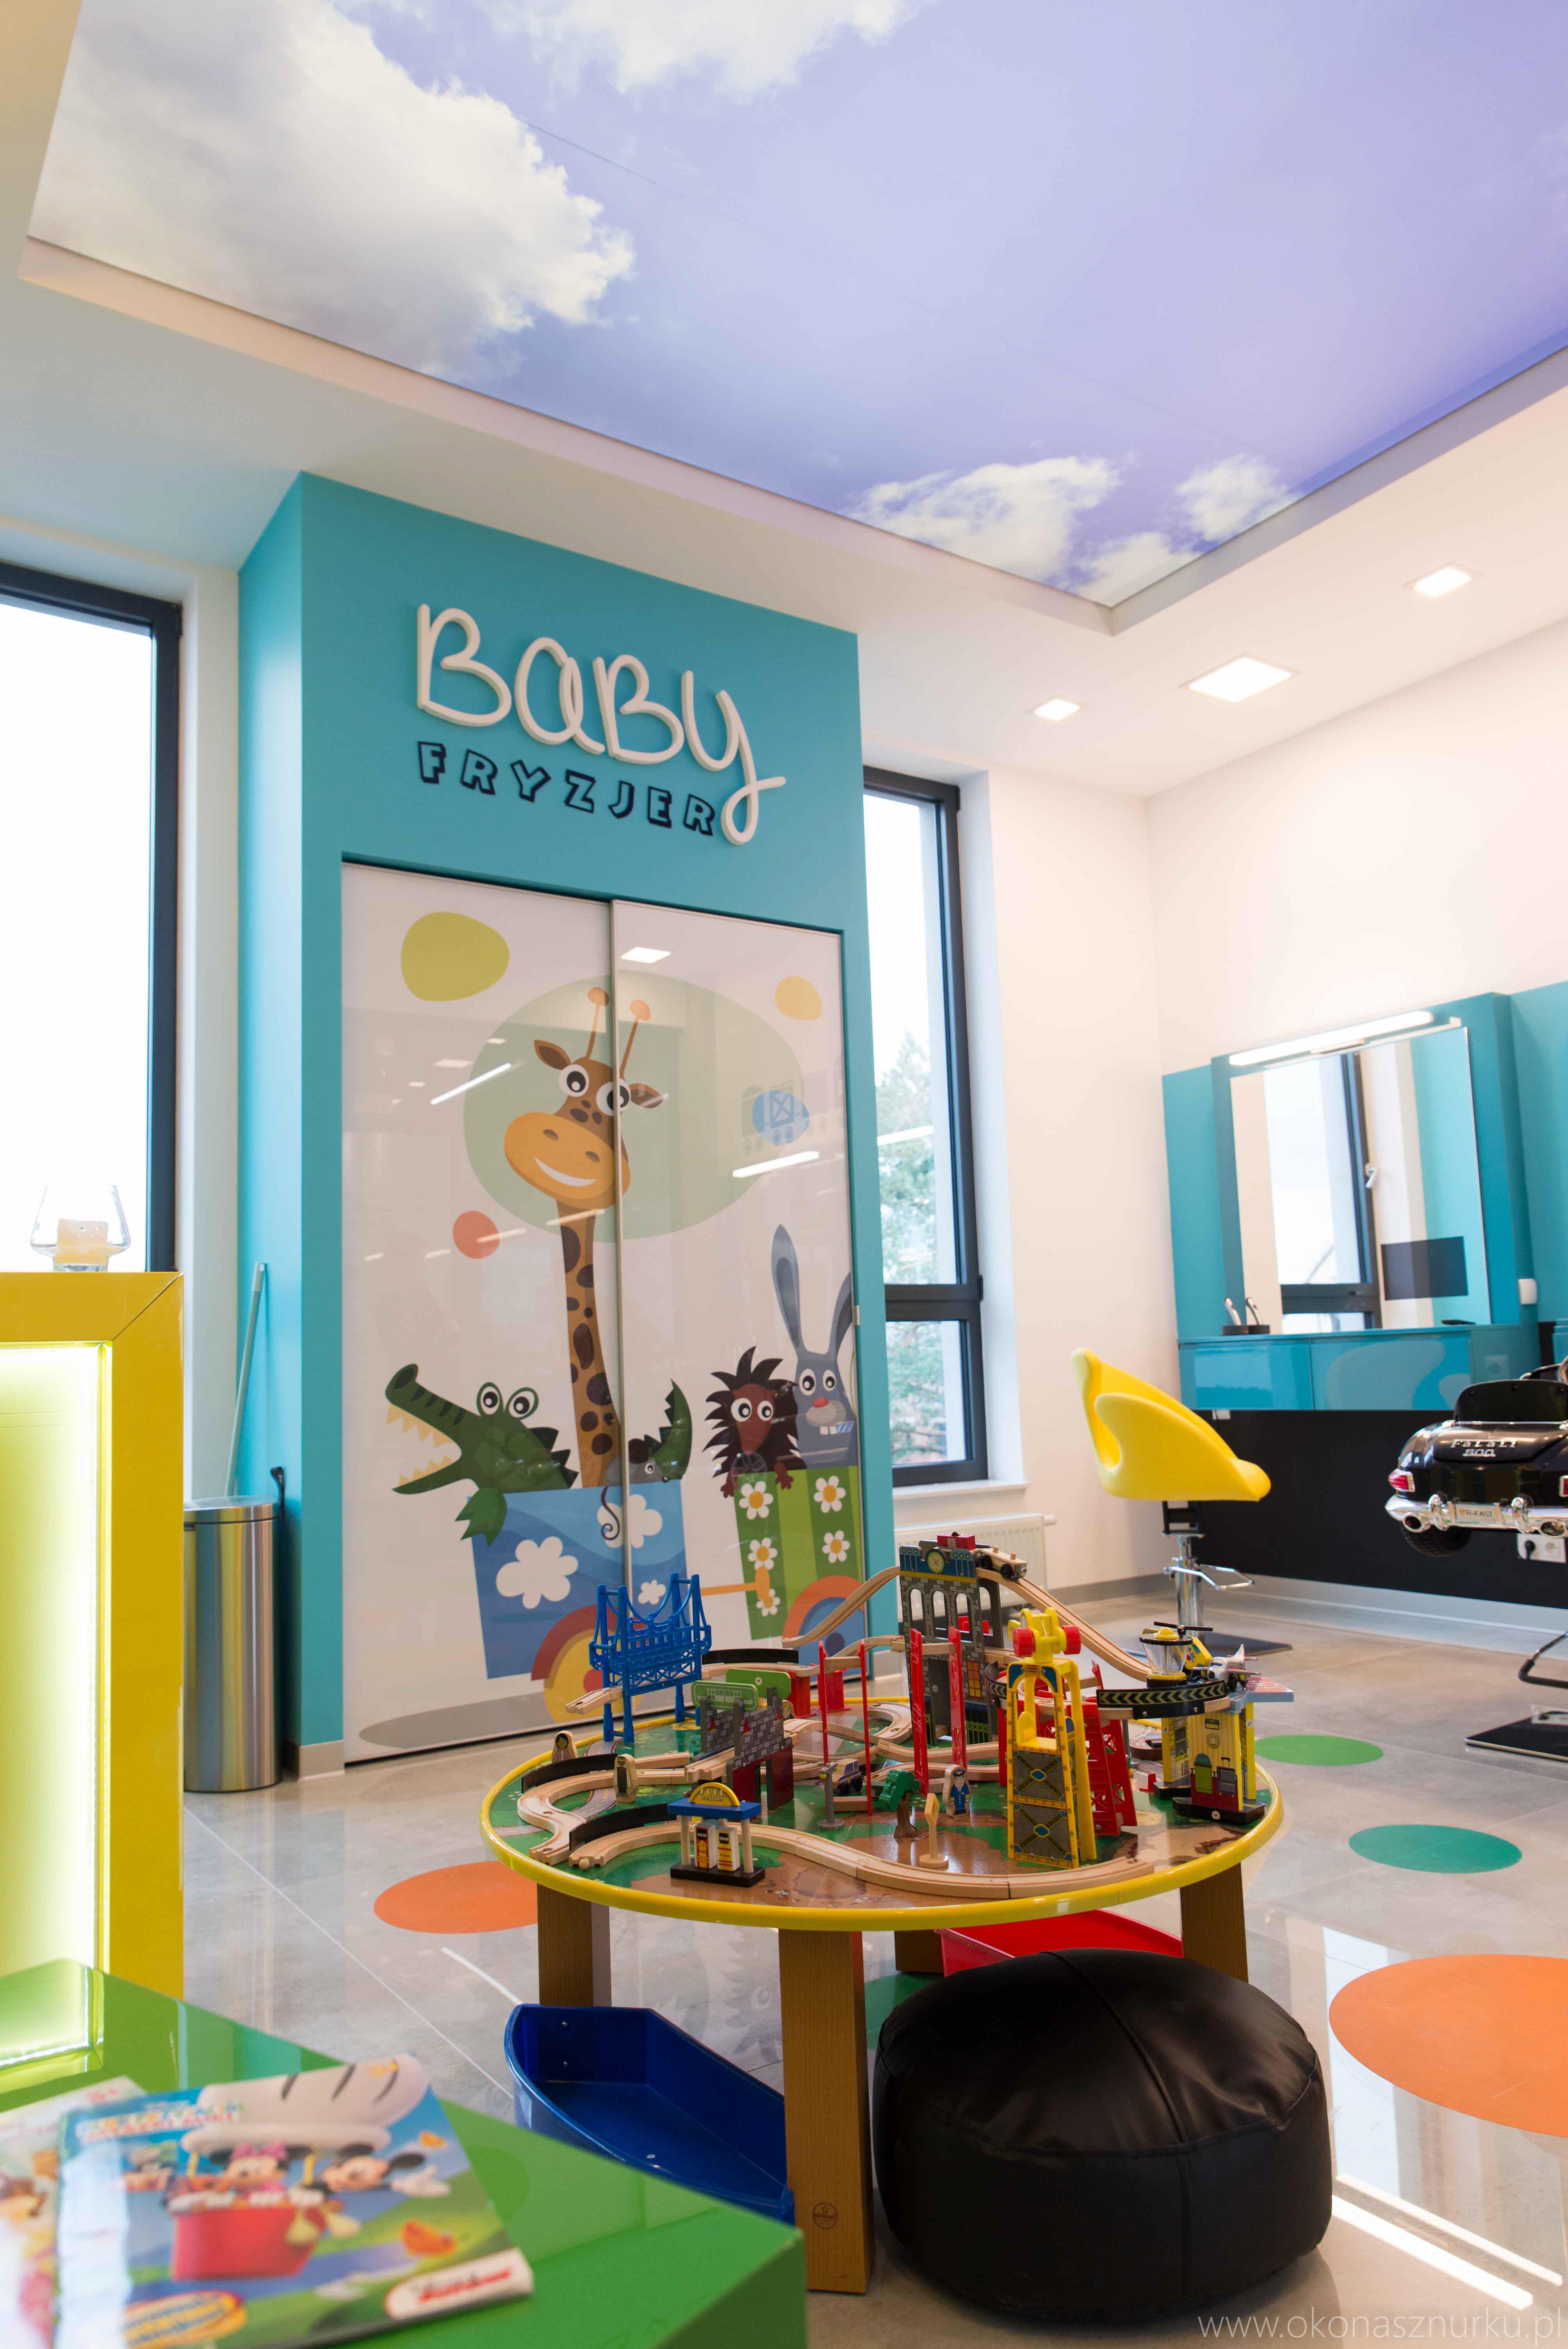 Baby-fryzjer-zdjecia-salon-fryzjerski (9)